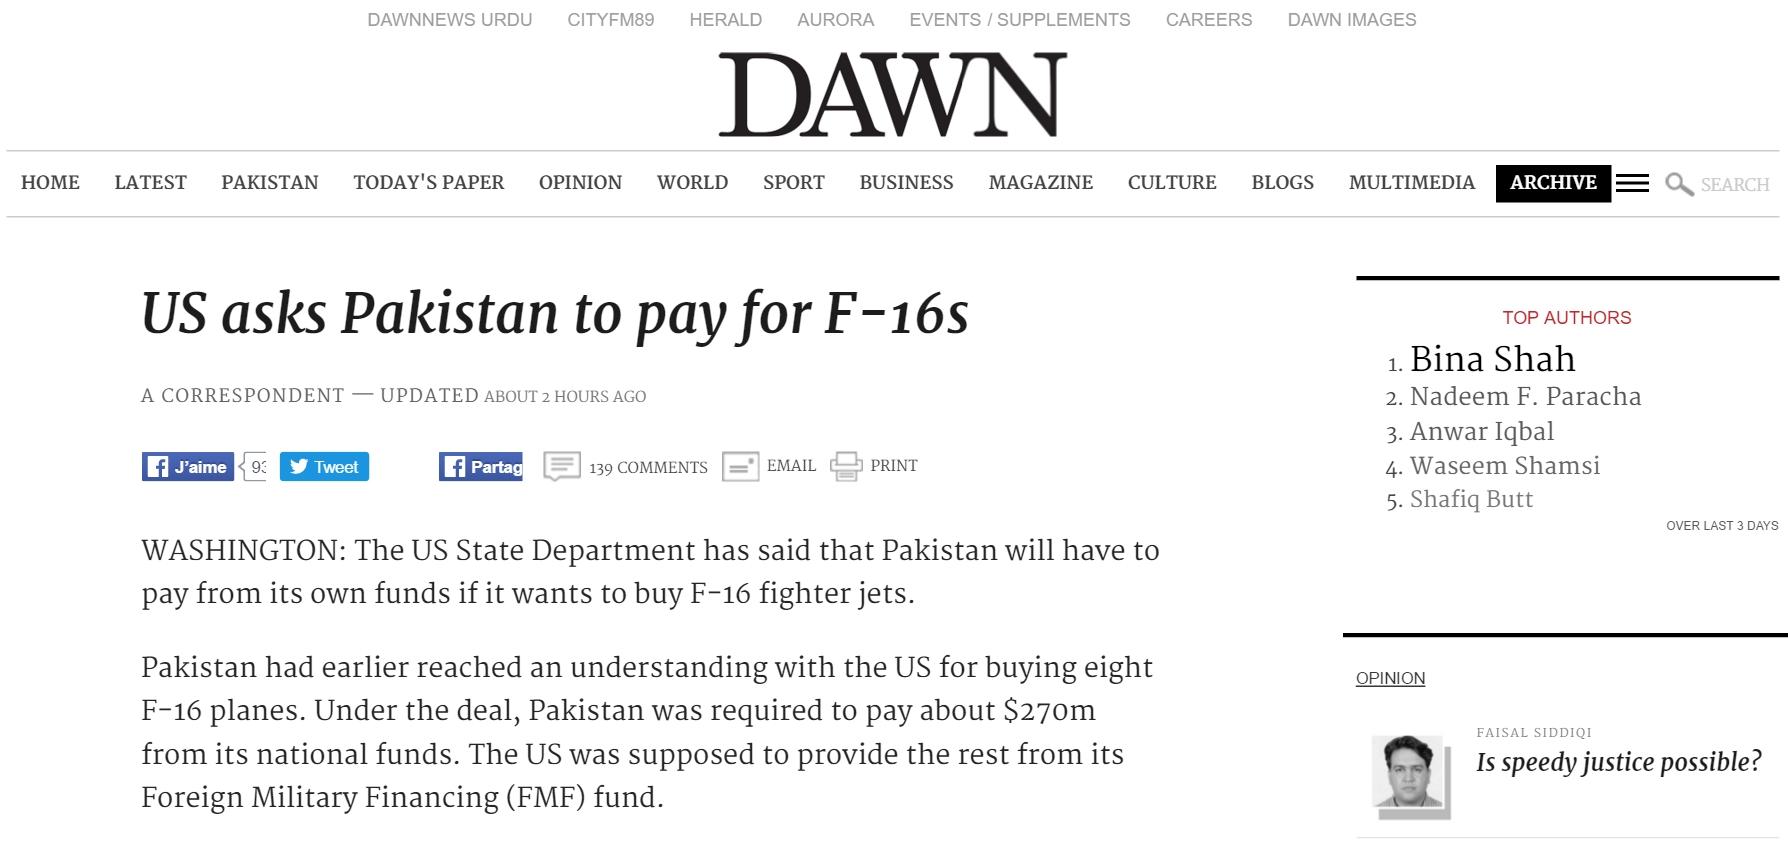 """Le Pakistan devra financer de ses fonds propre le coût de ses futurs avions de chasses. Copie d'écran de """"Dawn"""", le 3 mai 2016."""